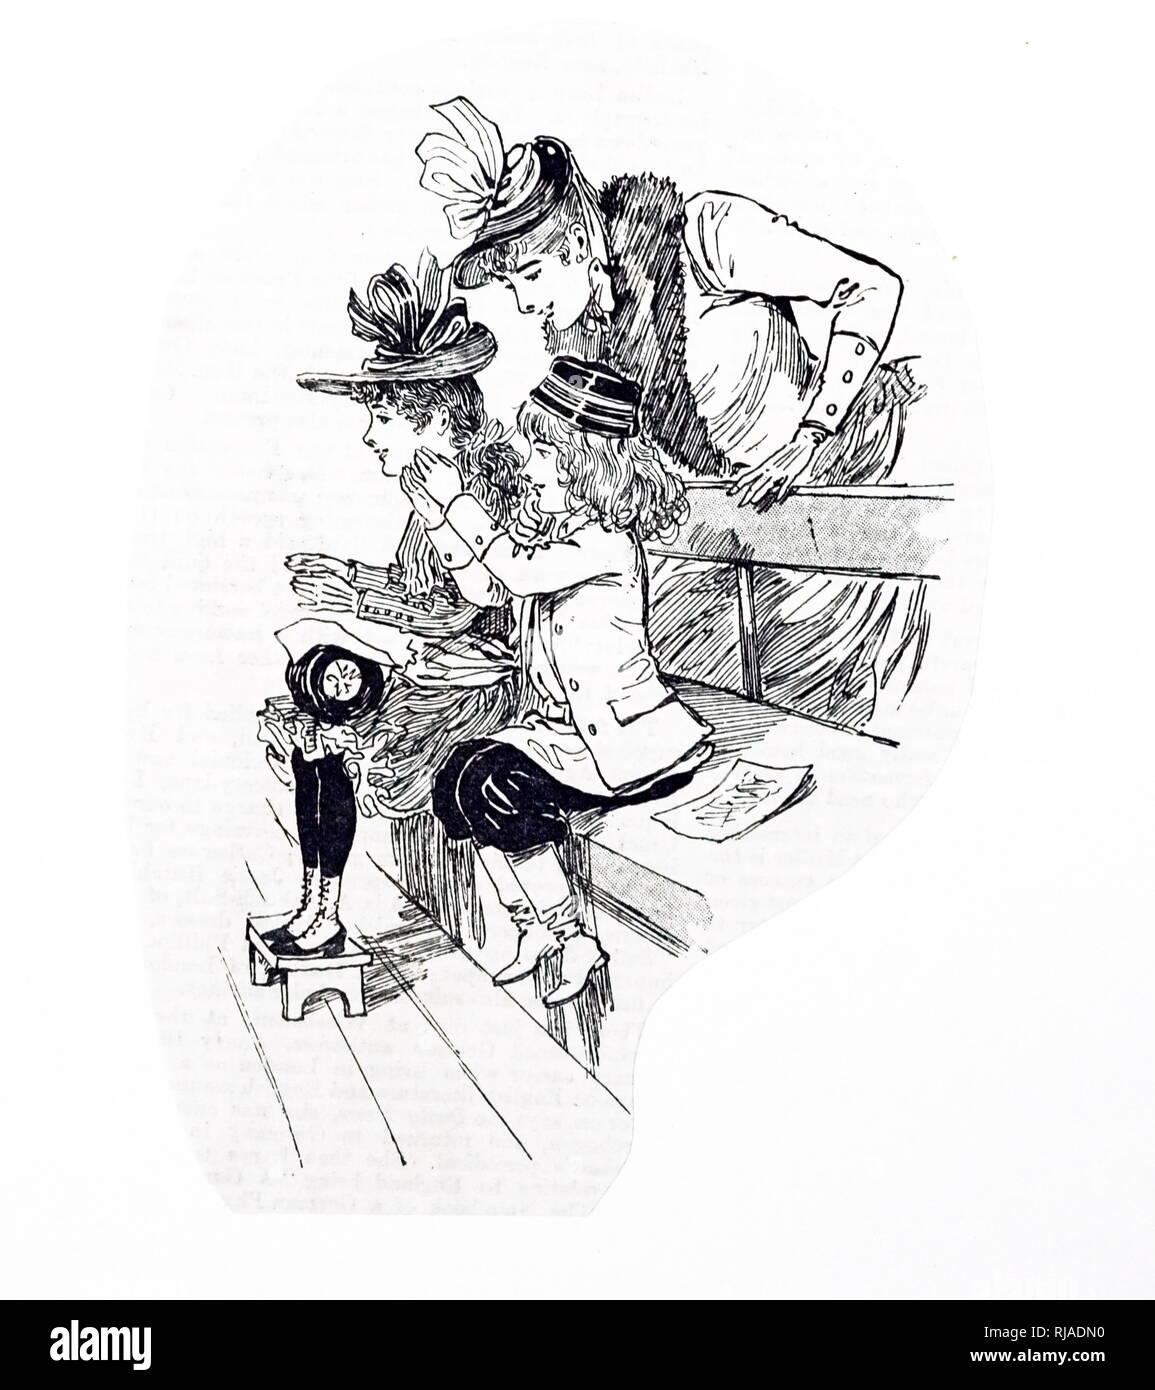 Un grabado representando a niños franceses en el circo, uno de los espectáculos tradicionales en Navidad. Ilustrado por Ethel Marte (1876-1959) de un grabado en madera Americana artista e ilustradora de libros para niños. Fecha del siglo XIX Imagen De Stock